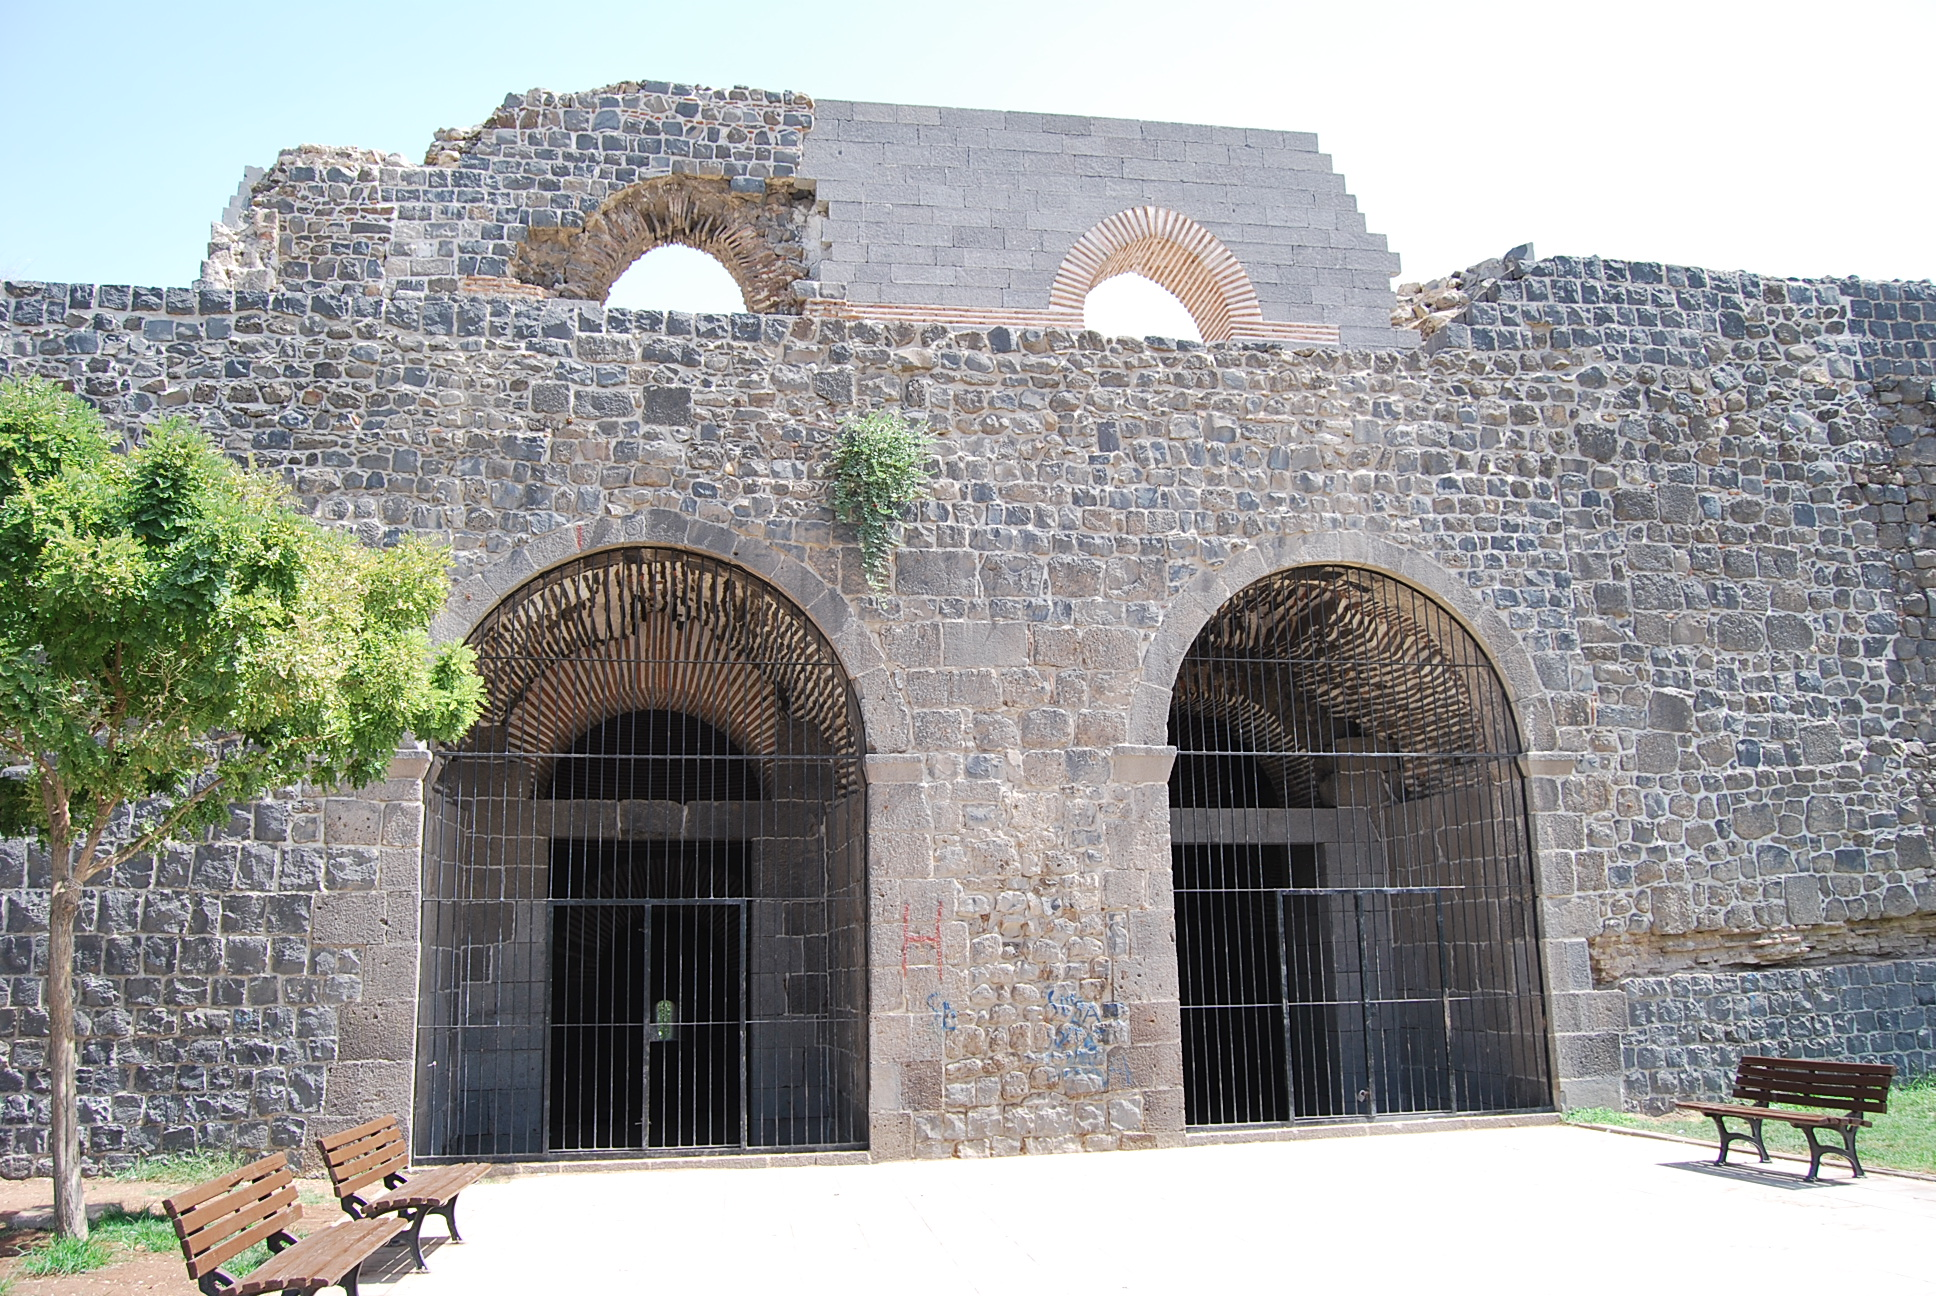 Diyarbakır city walls